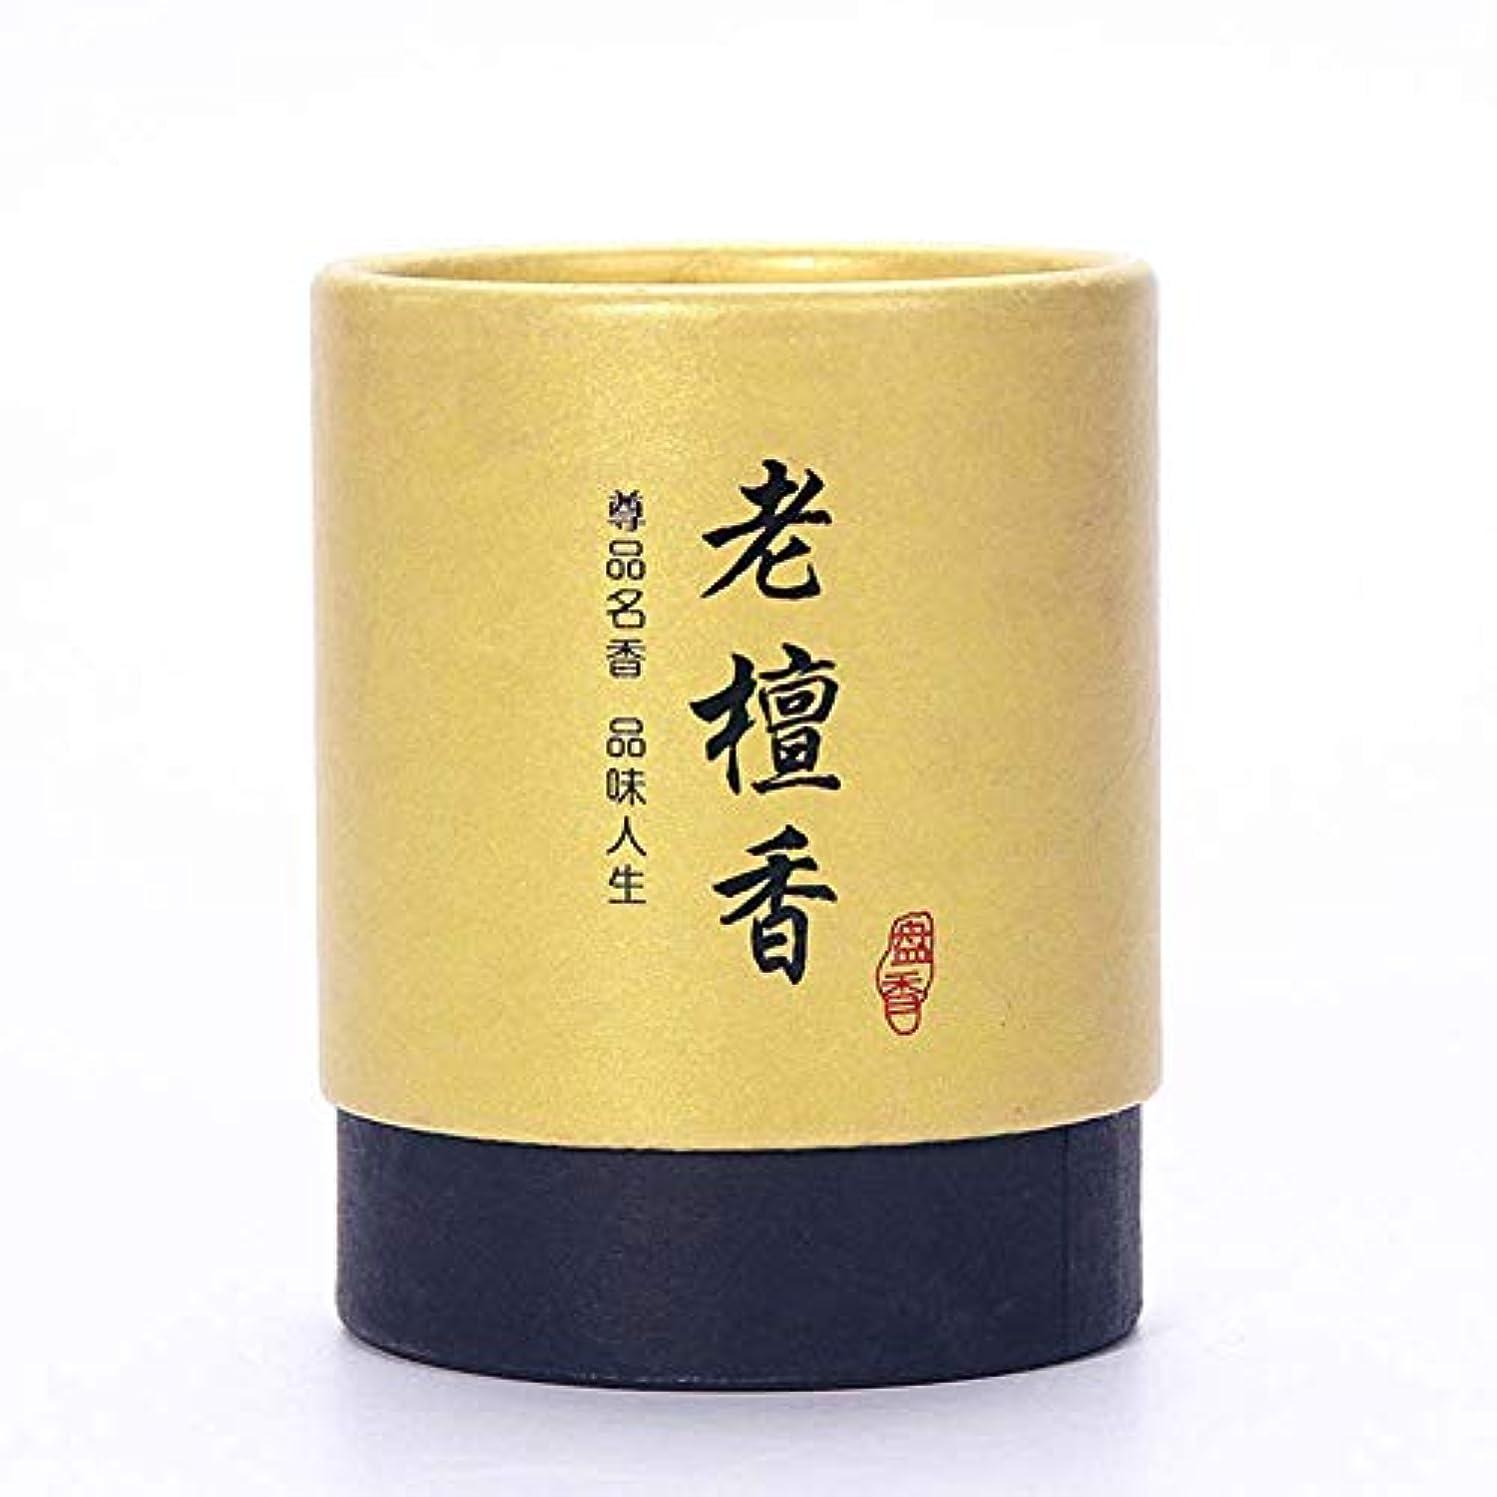 入る会計航海のHwaGui お香 ビャクダン 2時間 盤香 渦巻き線香 優しい香り 48巻入 (老い檀香)